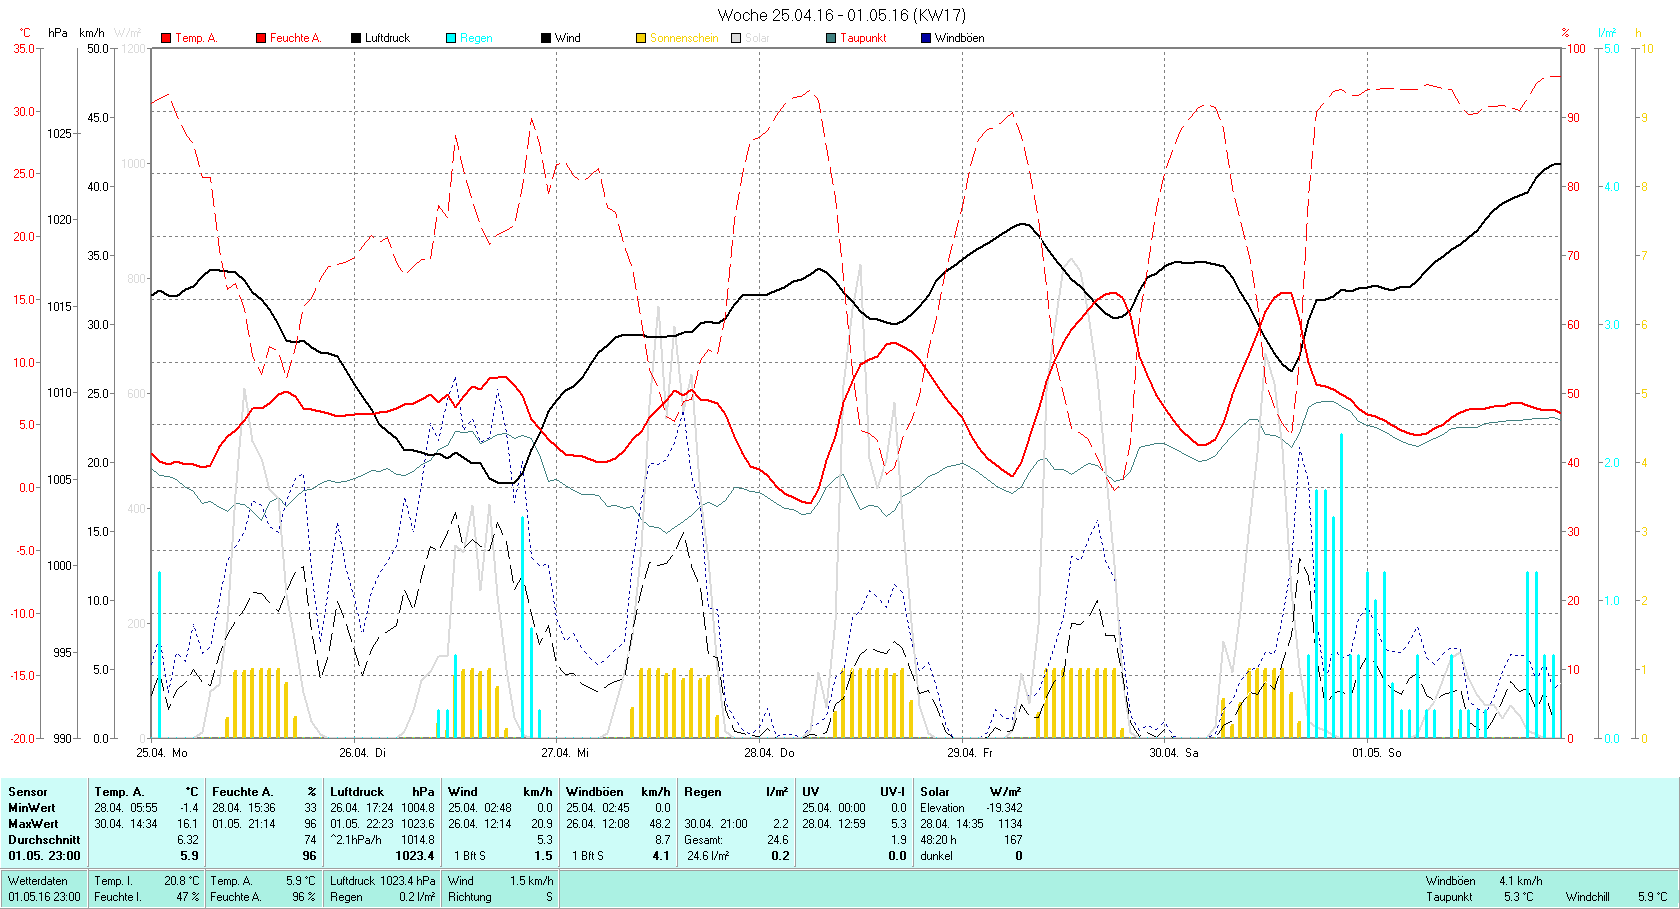 KW 17 Tmin -1.4°C, Tmax 16.1°C, Sonne 48:20h, Niederschlag 24.6mm/2